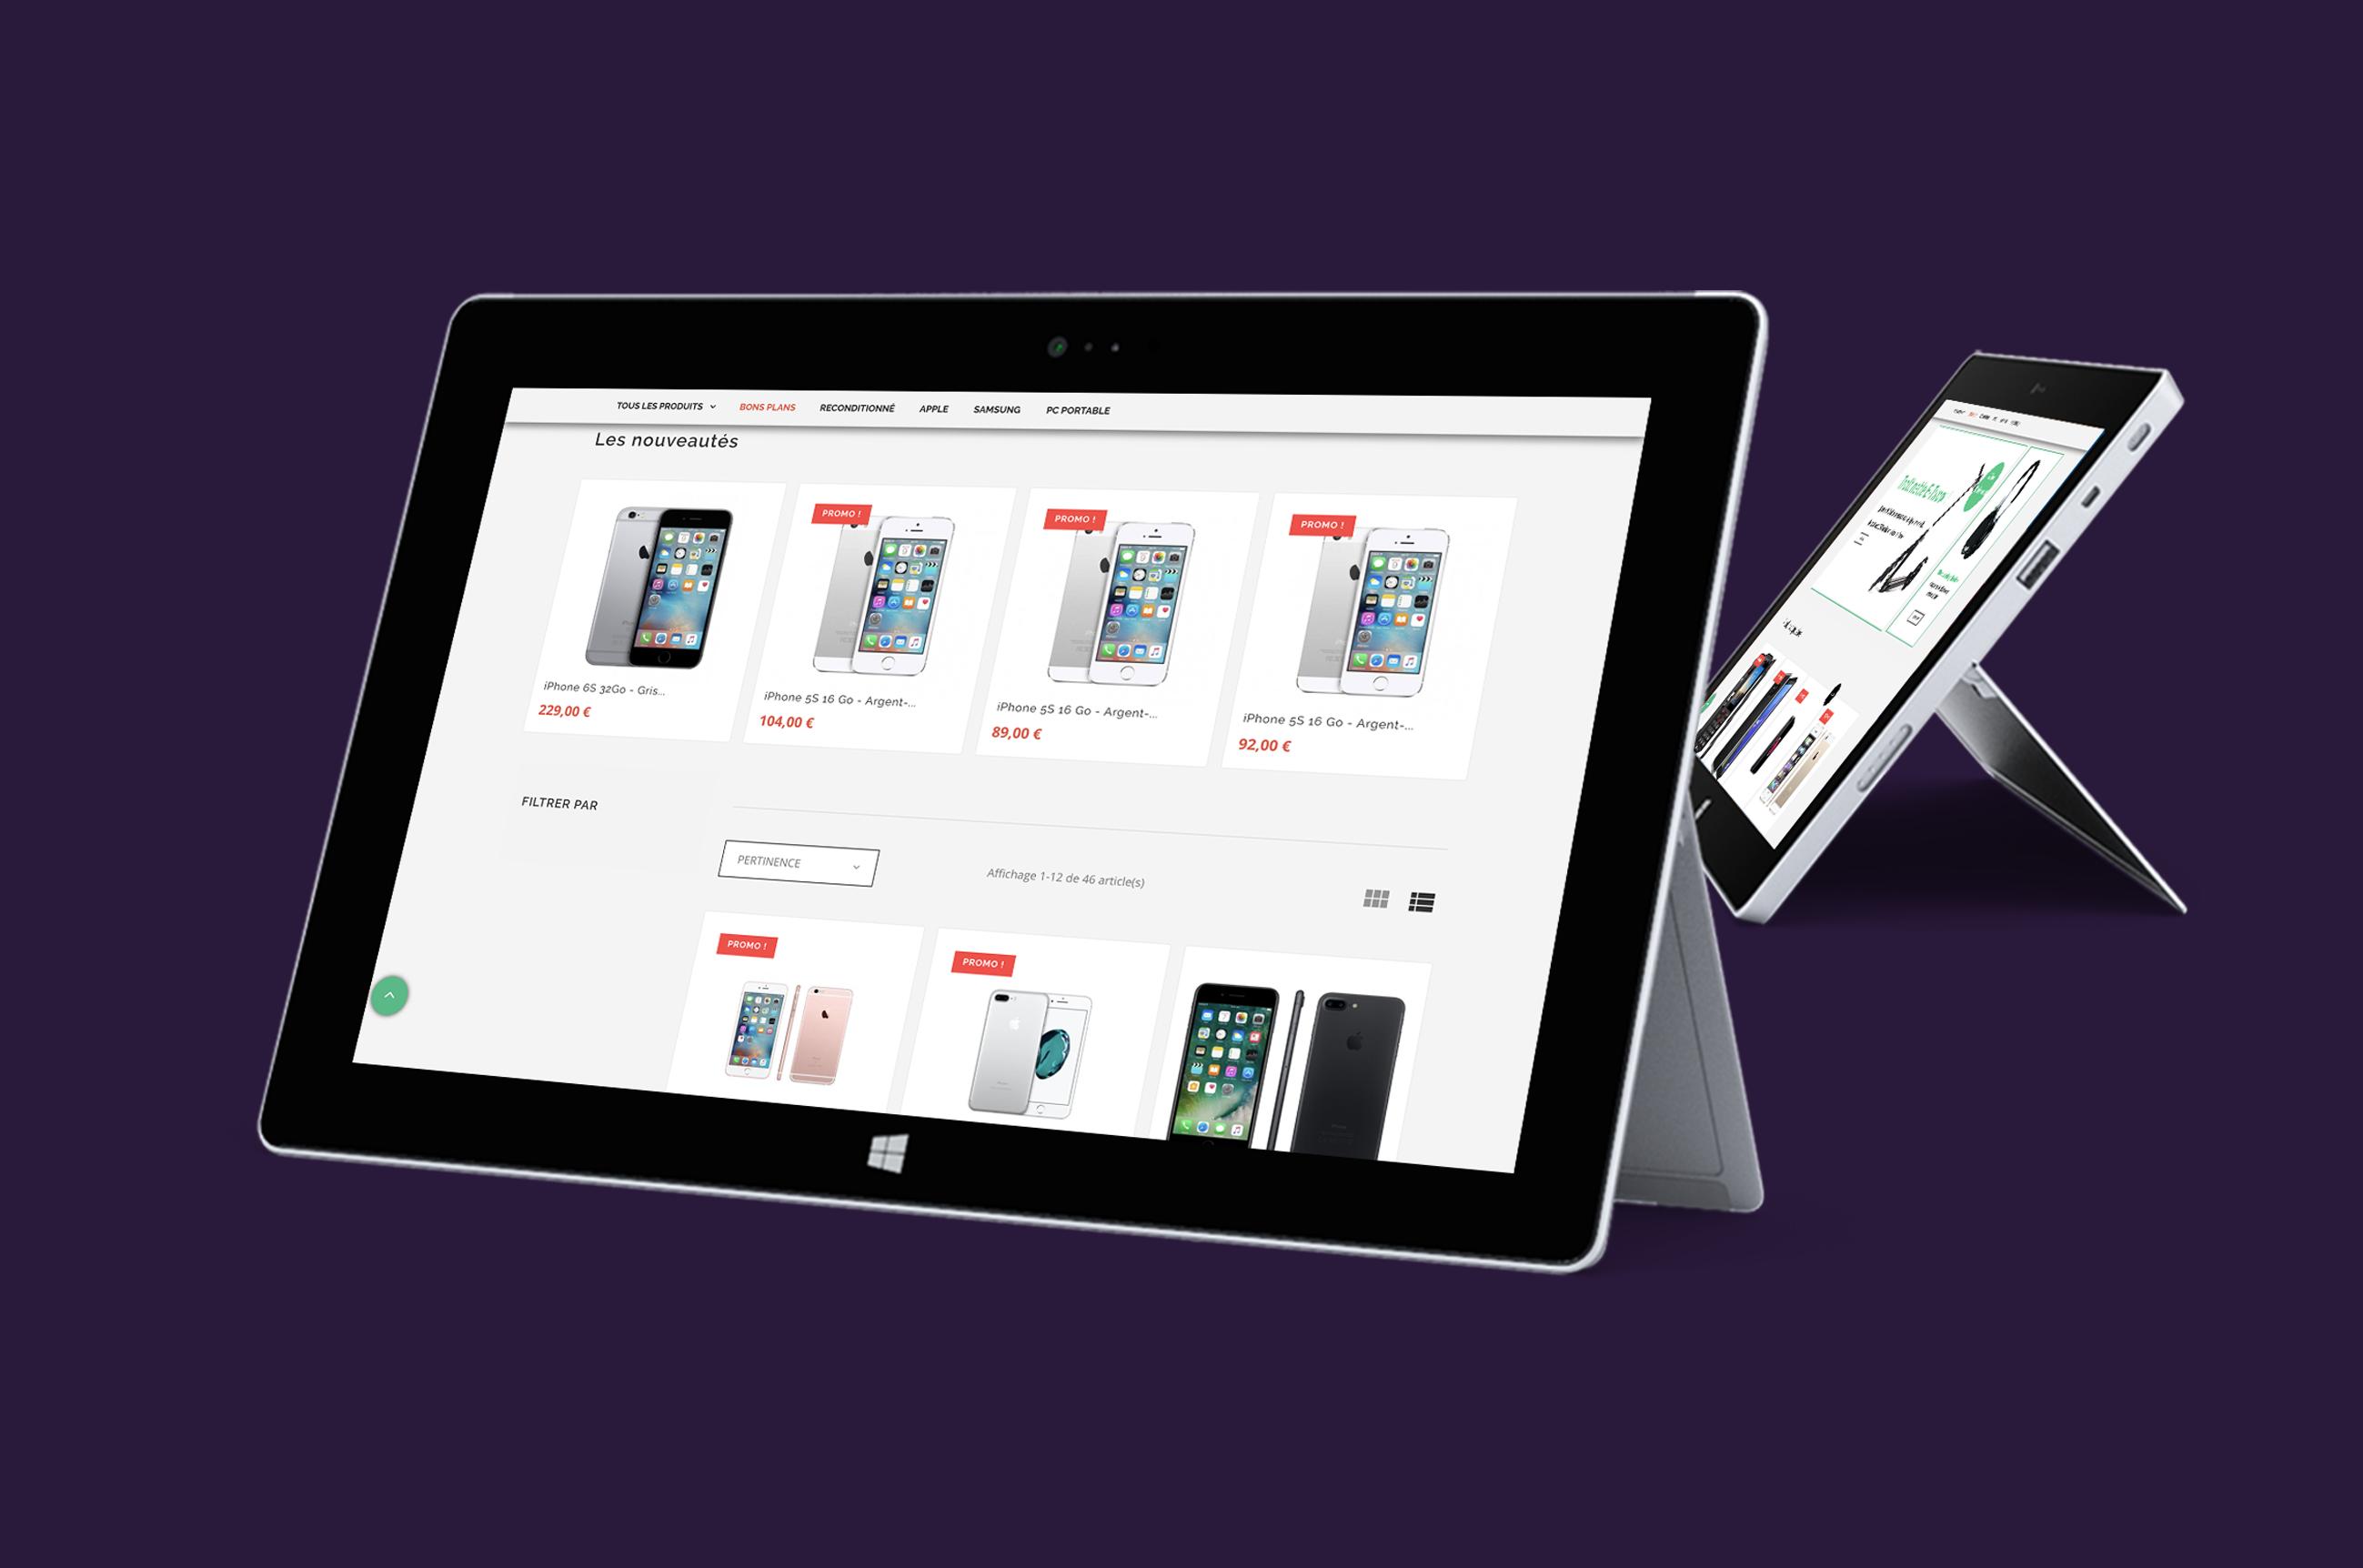 Création de site responsive e-commerce prestashop likeweb agency paris agence design studio centrale du tek vente en ligne